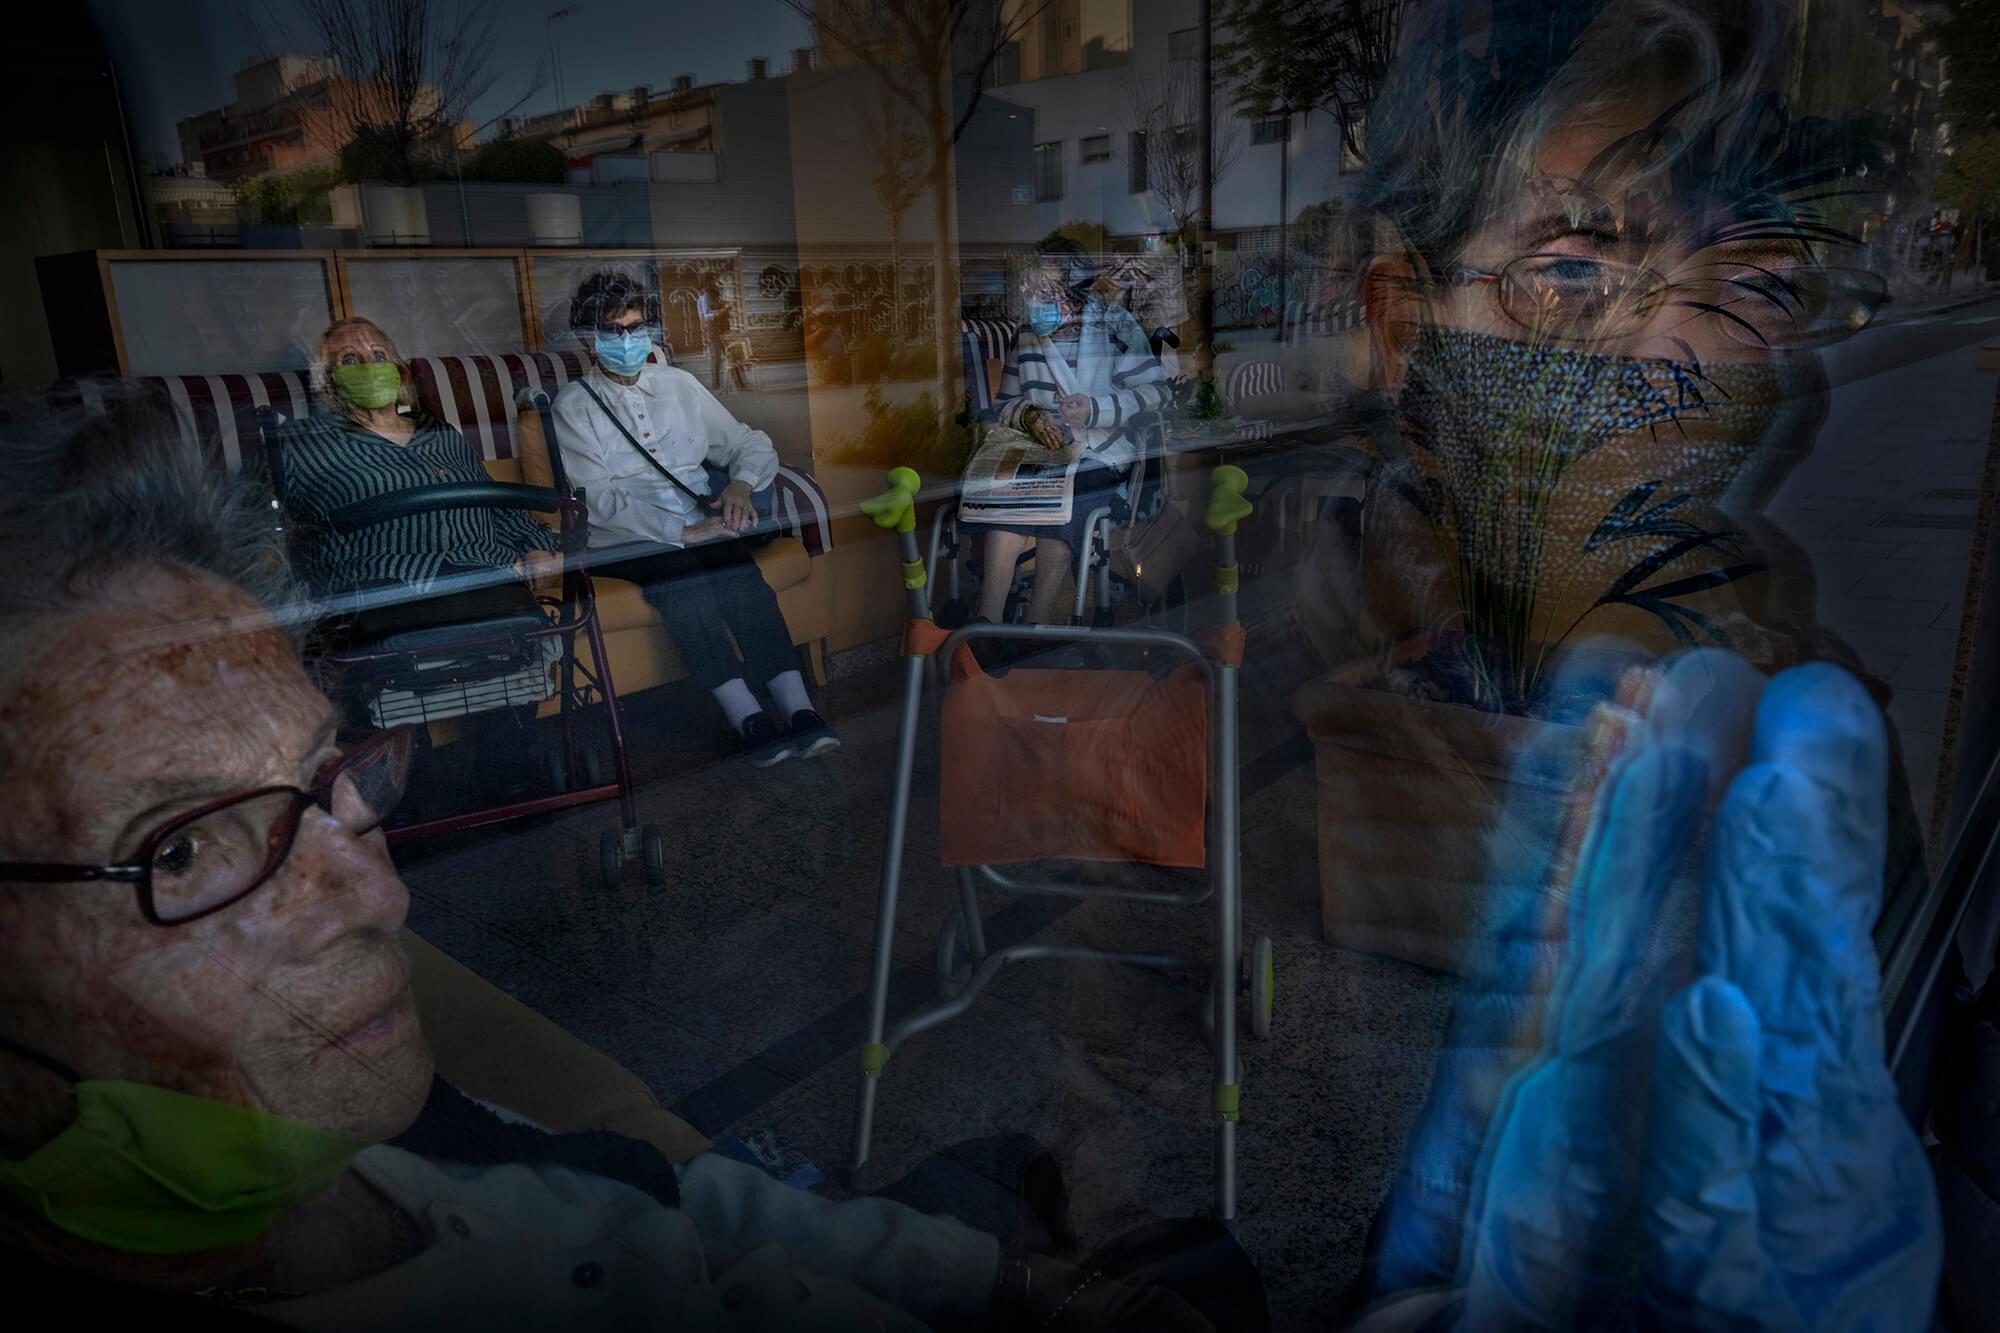 L'Hermínia, de 102 anys, saludava la seva filla a través del vidre d'una residència d'avis a Barcelona.